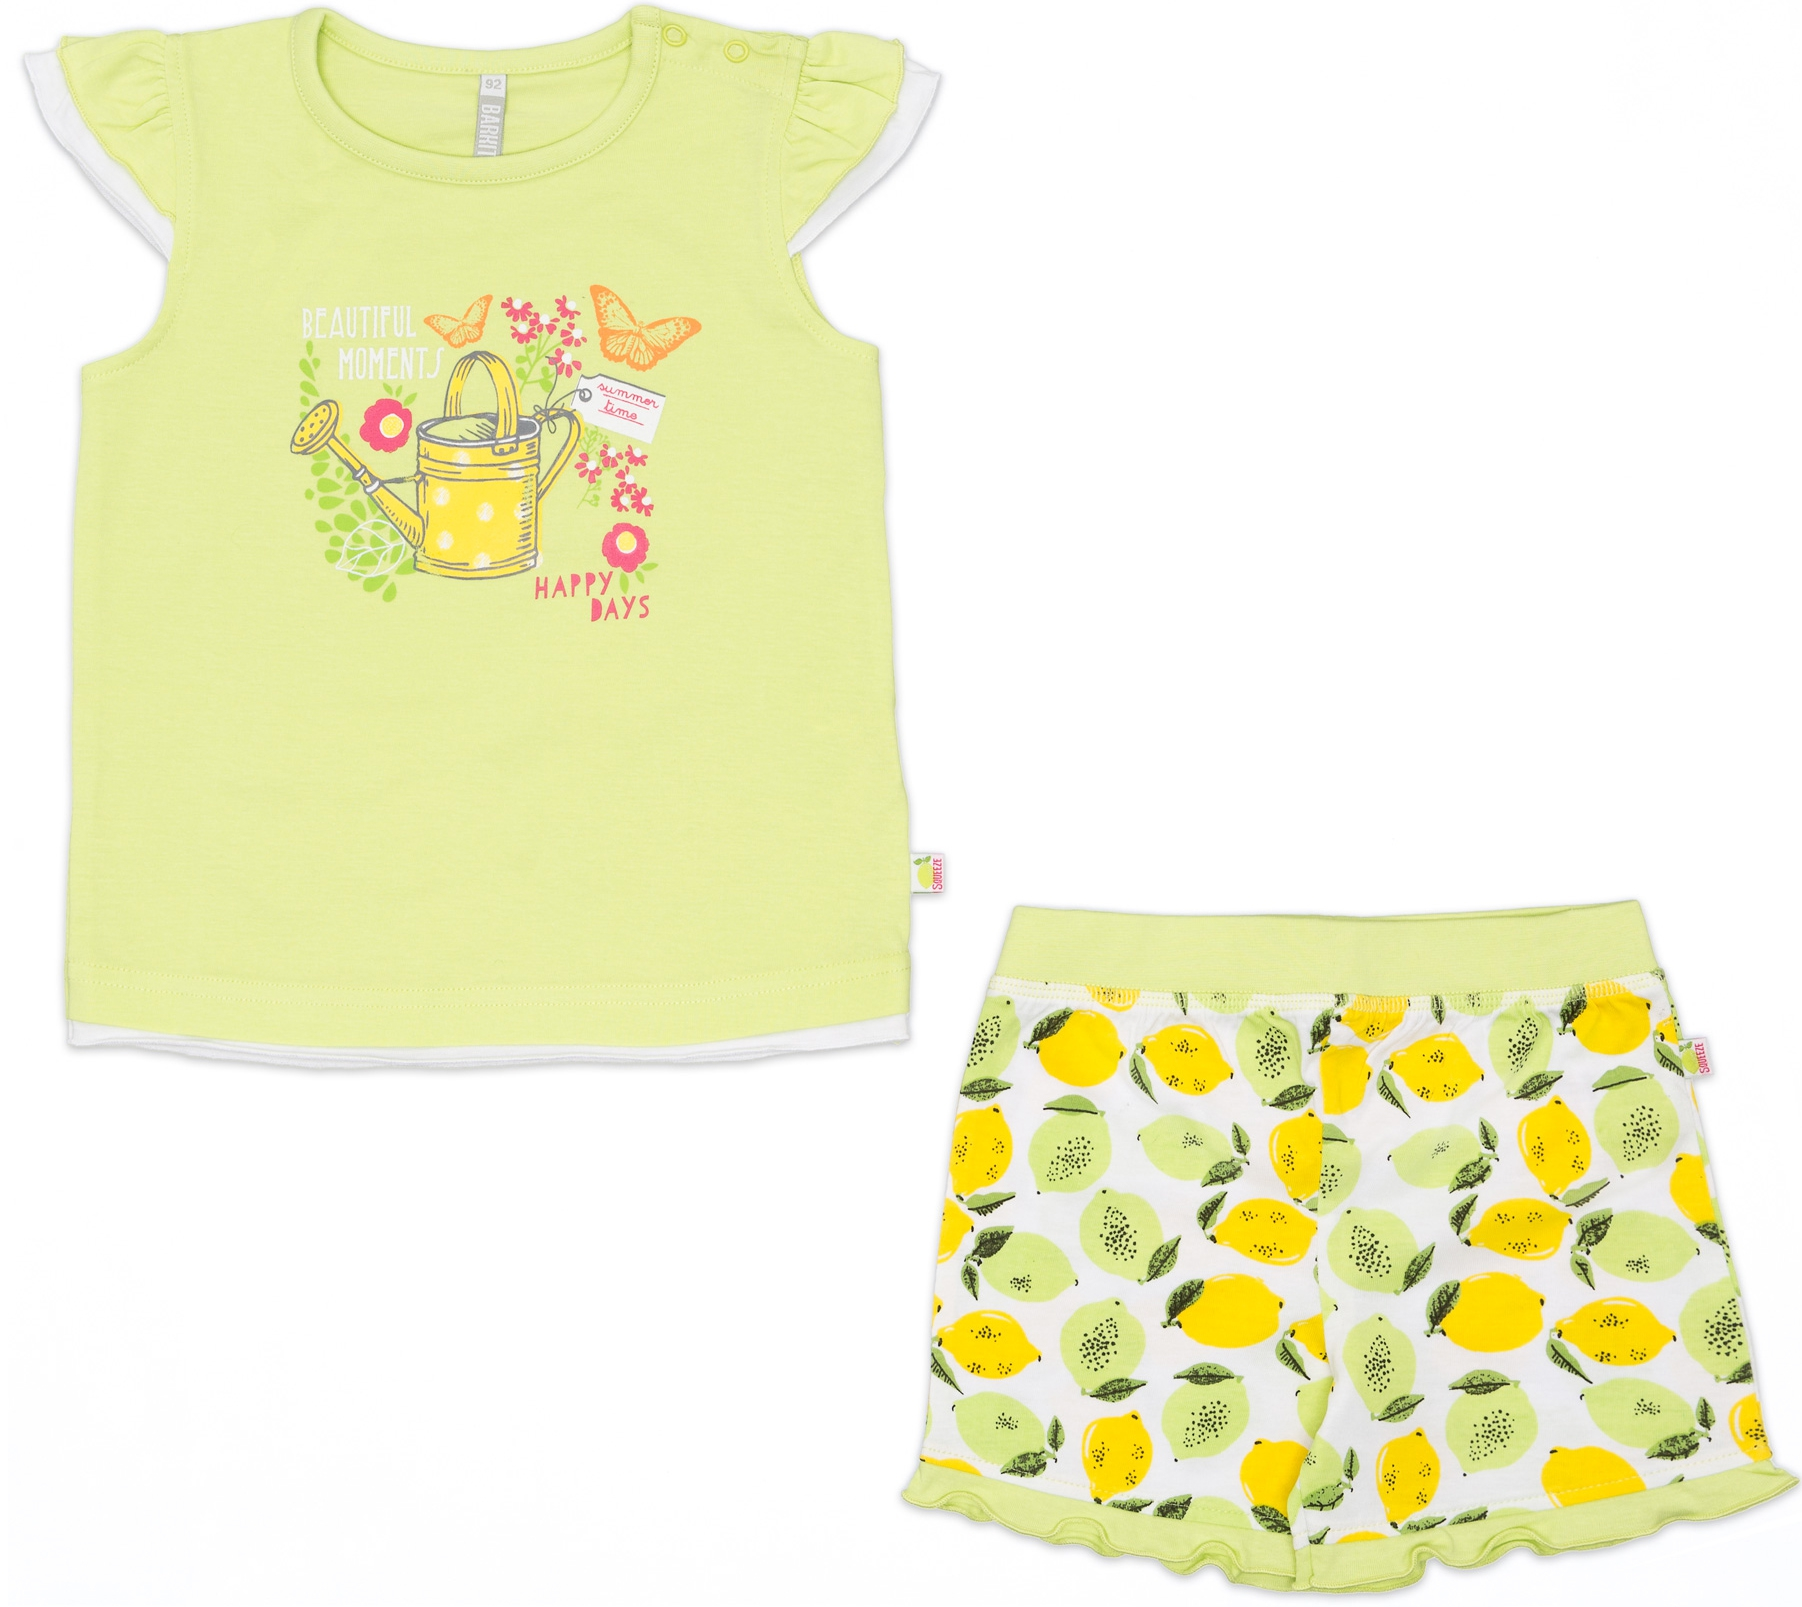 Комплекты Barkito Комплект трикотажный для девочки: футболка с коротким рукавом+шорты Barkito, Лимончики, салатовый комплект футболки шорты свiтанак комплект футболки шорты